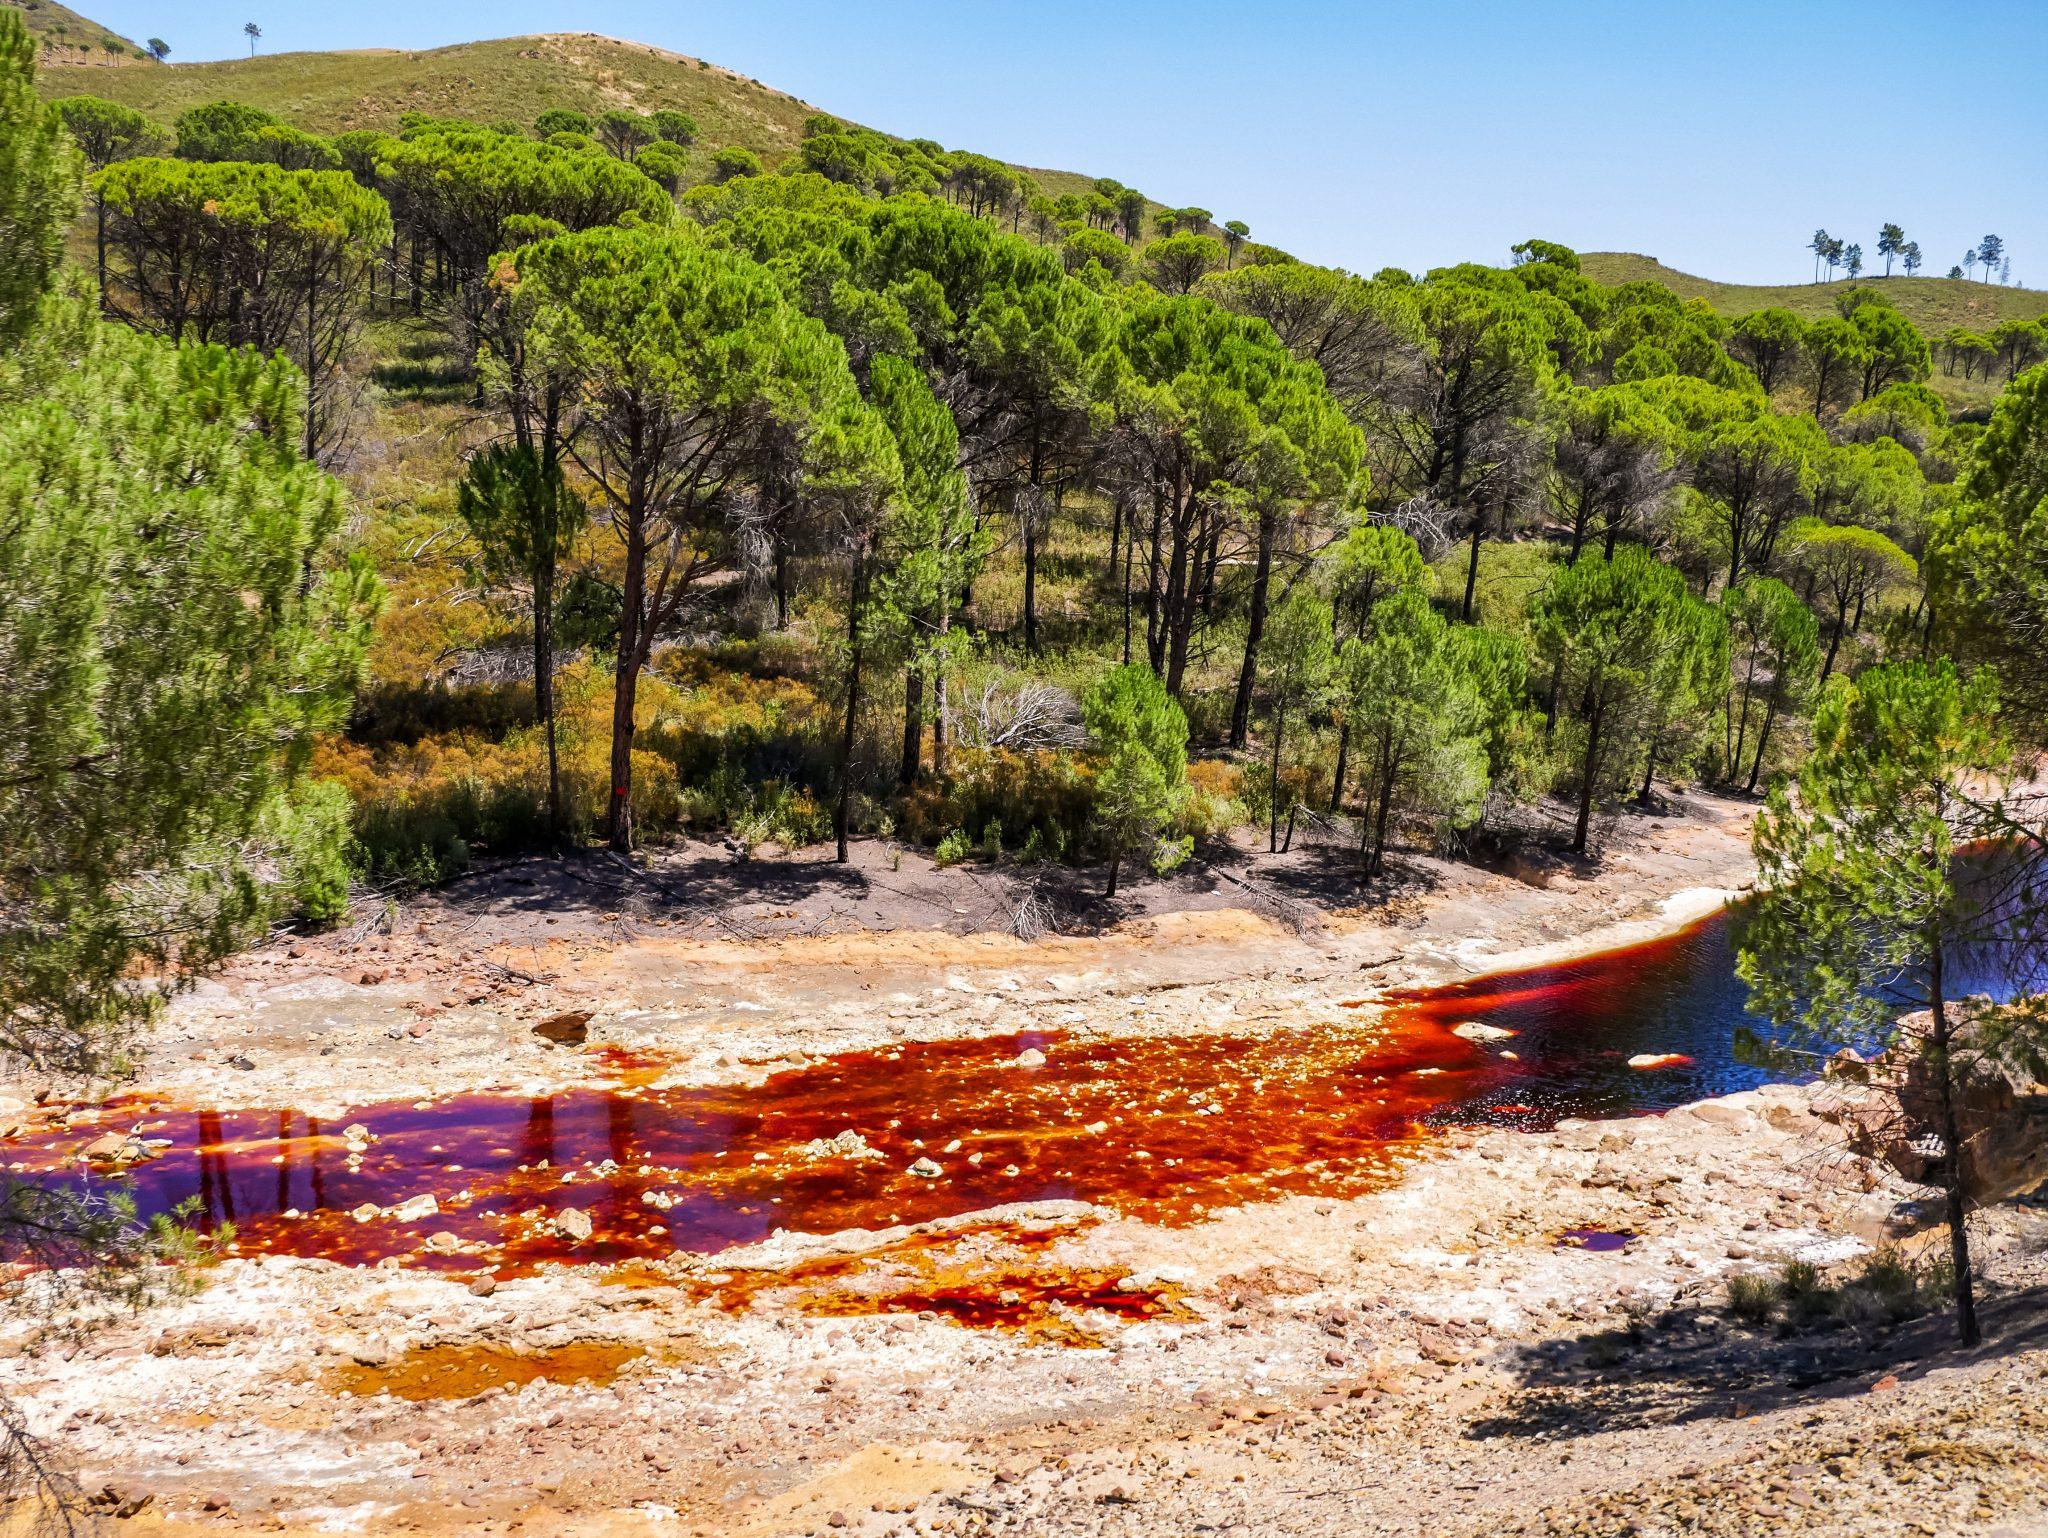 Den (hier auf dem Bild) rotfarbenen Fluss kannst du die ganze Fahrt über beobachten.